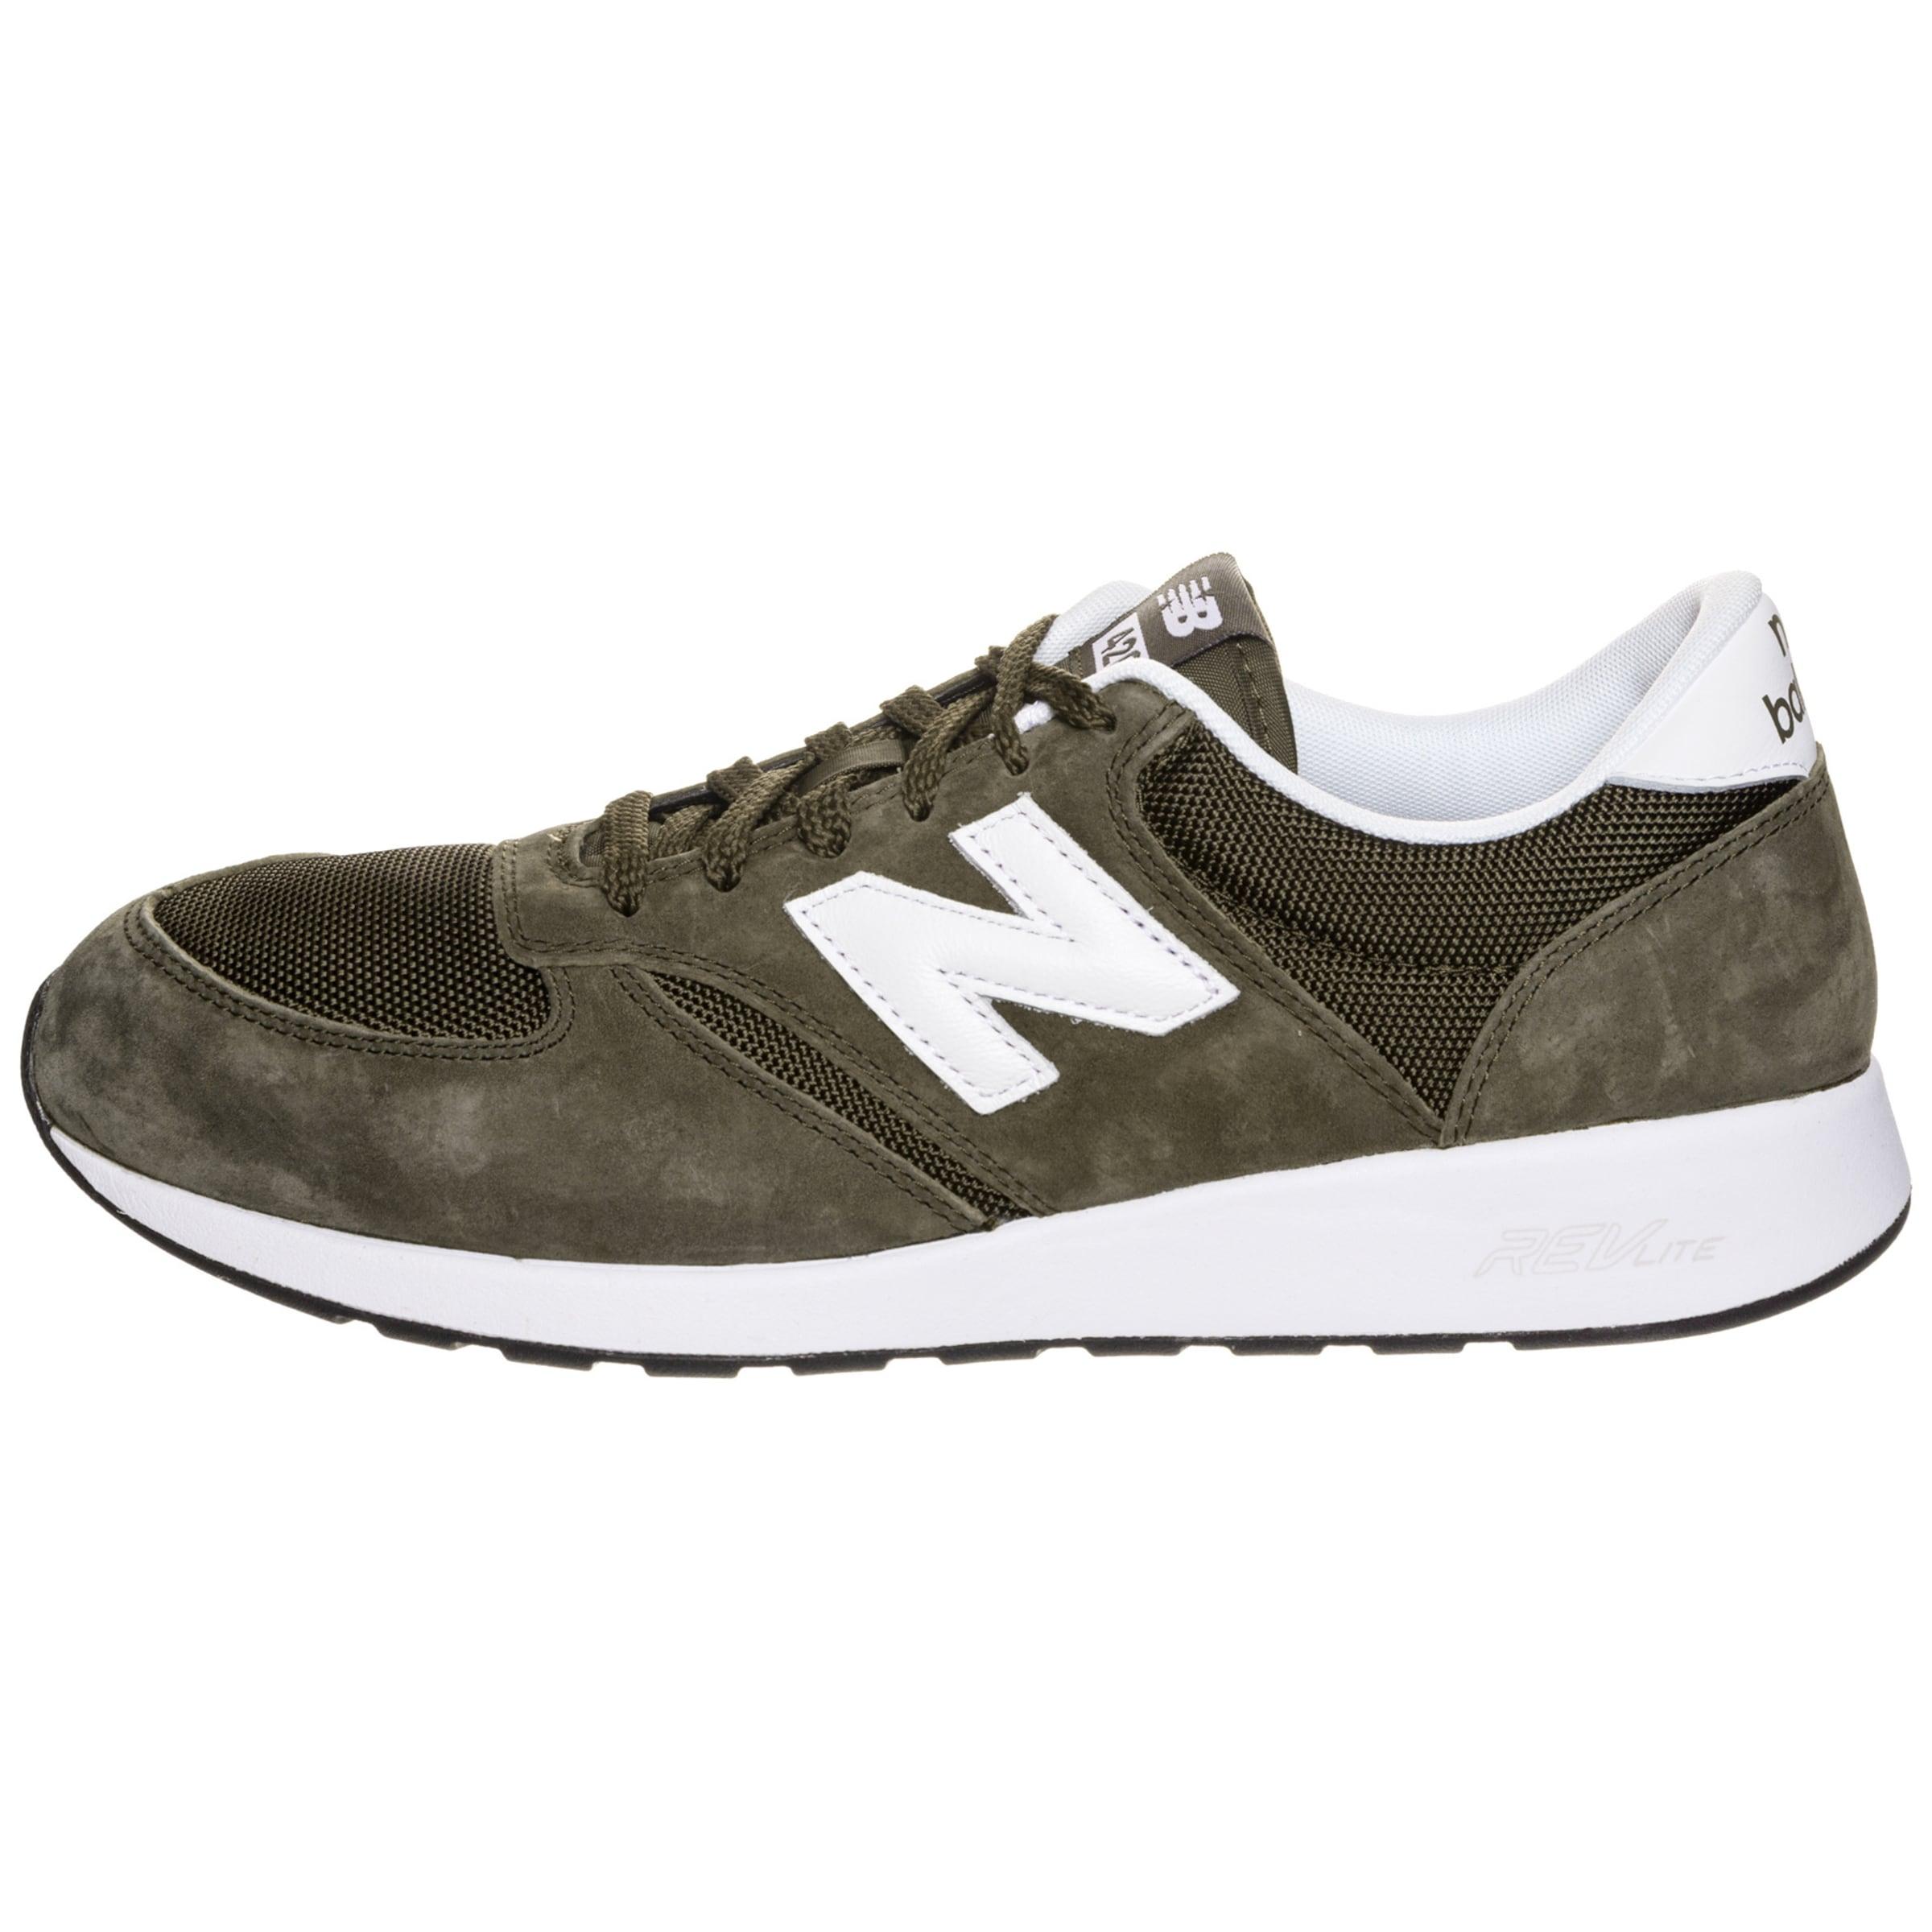 new balance MRL420-SX-D Sneaker Verkauf Nicekicks Billig Extrem Billig Verkauf Breite Palette Von Steckdose Niedrigsten Preis SLVdT